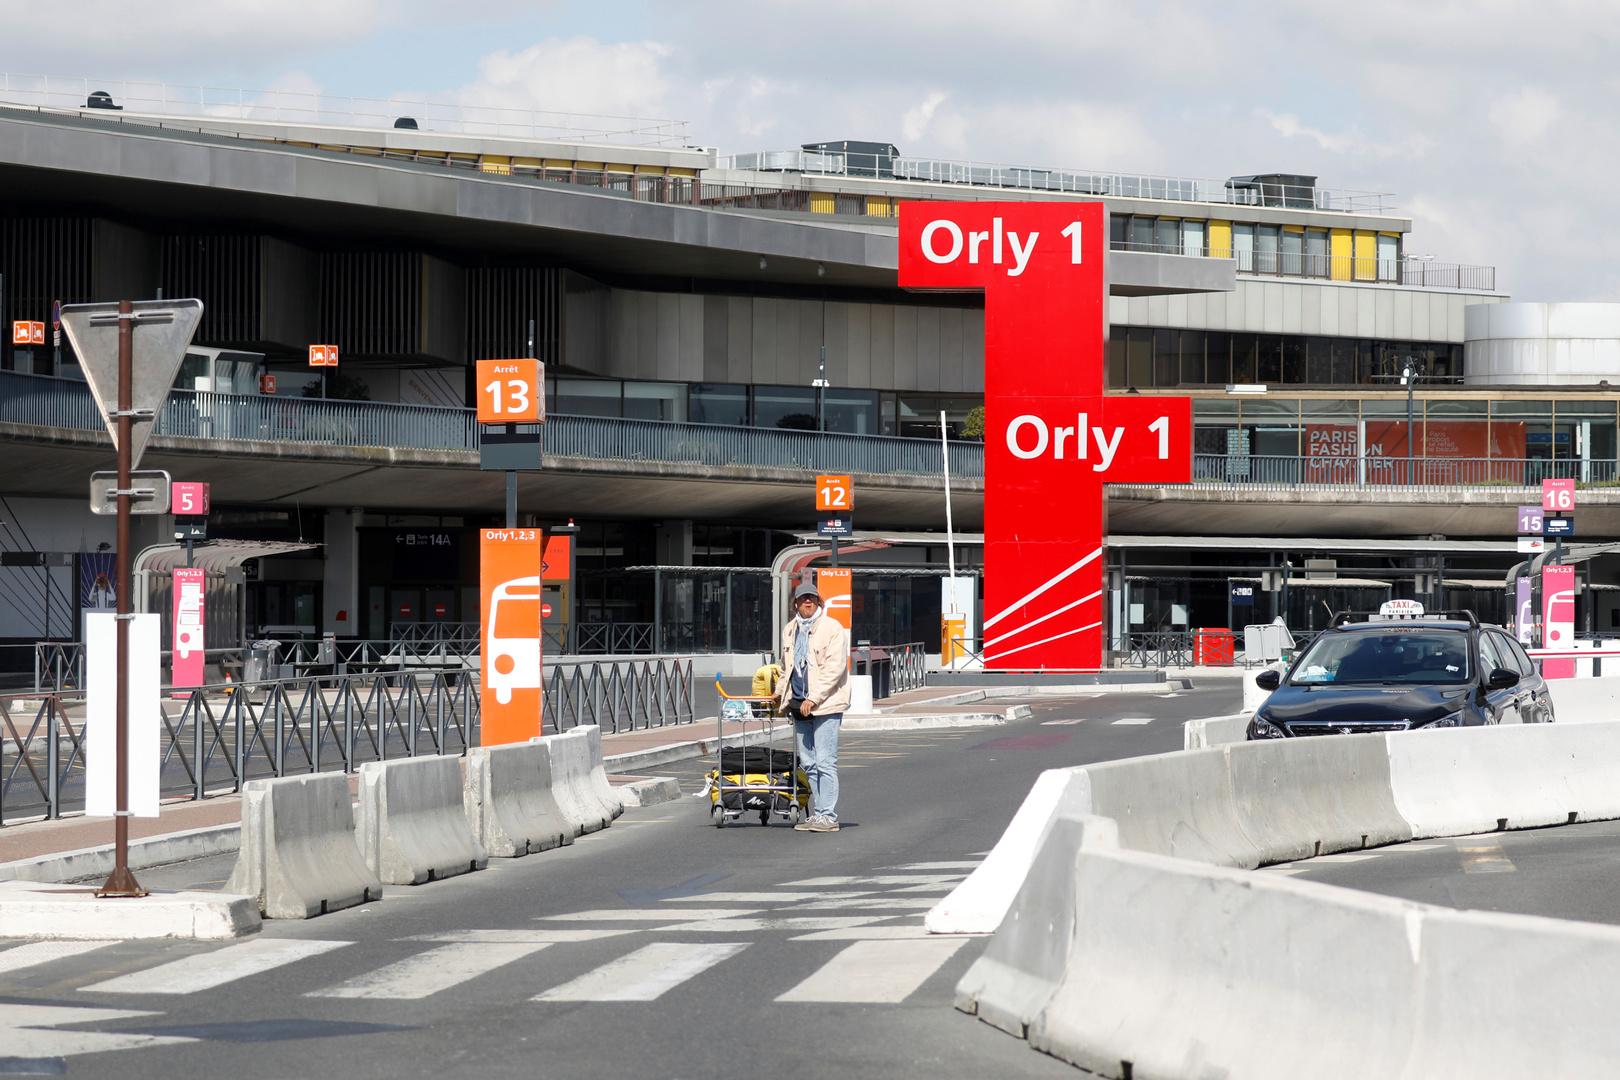 مراسلتنا: مطار أورلي الدولي بباريس يغلق أبوابه لأول مرة في تاريخه